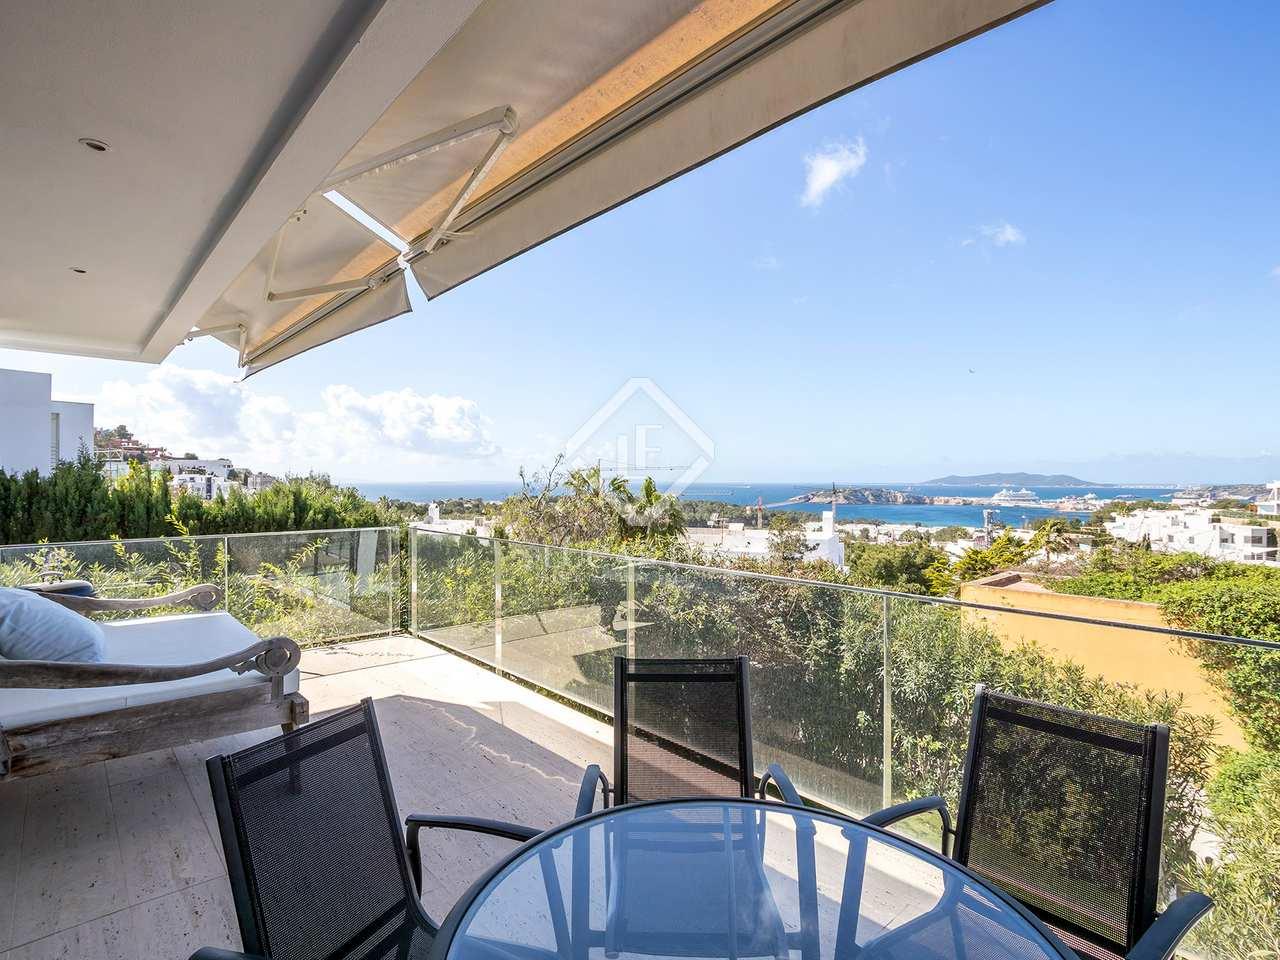 villa de 170m con jard n en venta en ibiza ciudad ForCiudad Jardin Ibiza